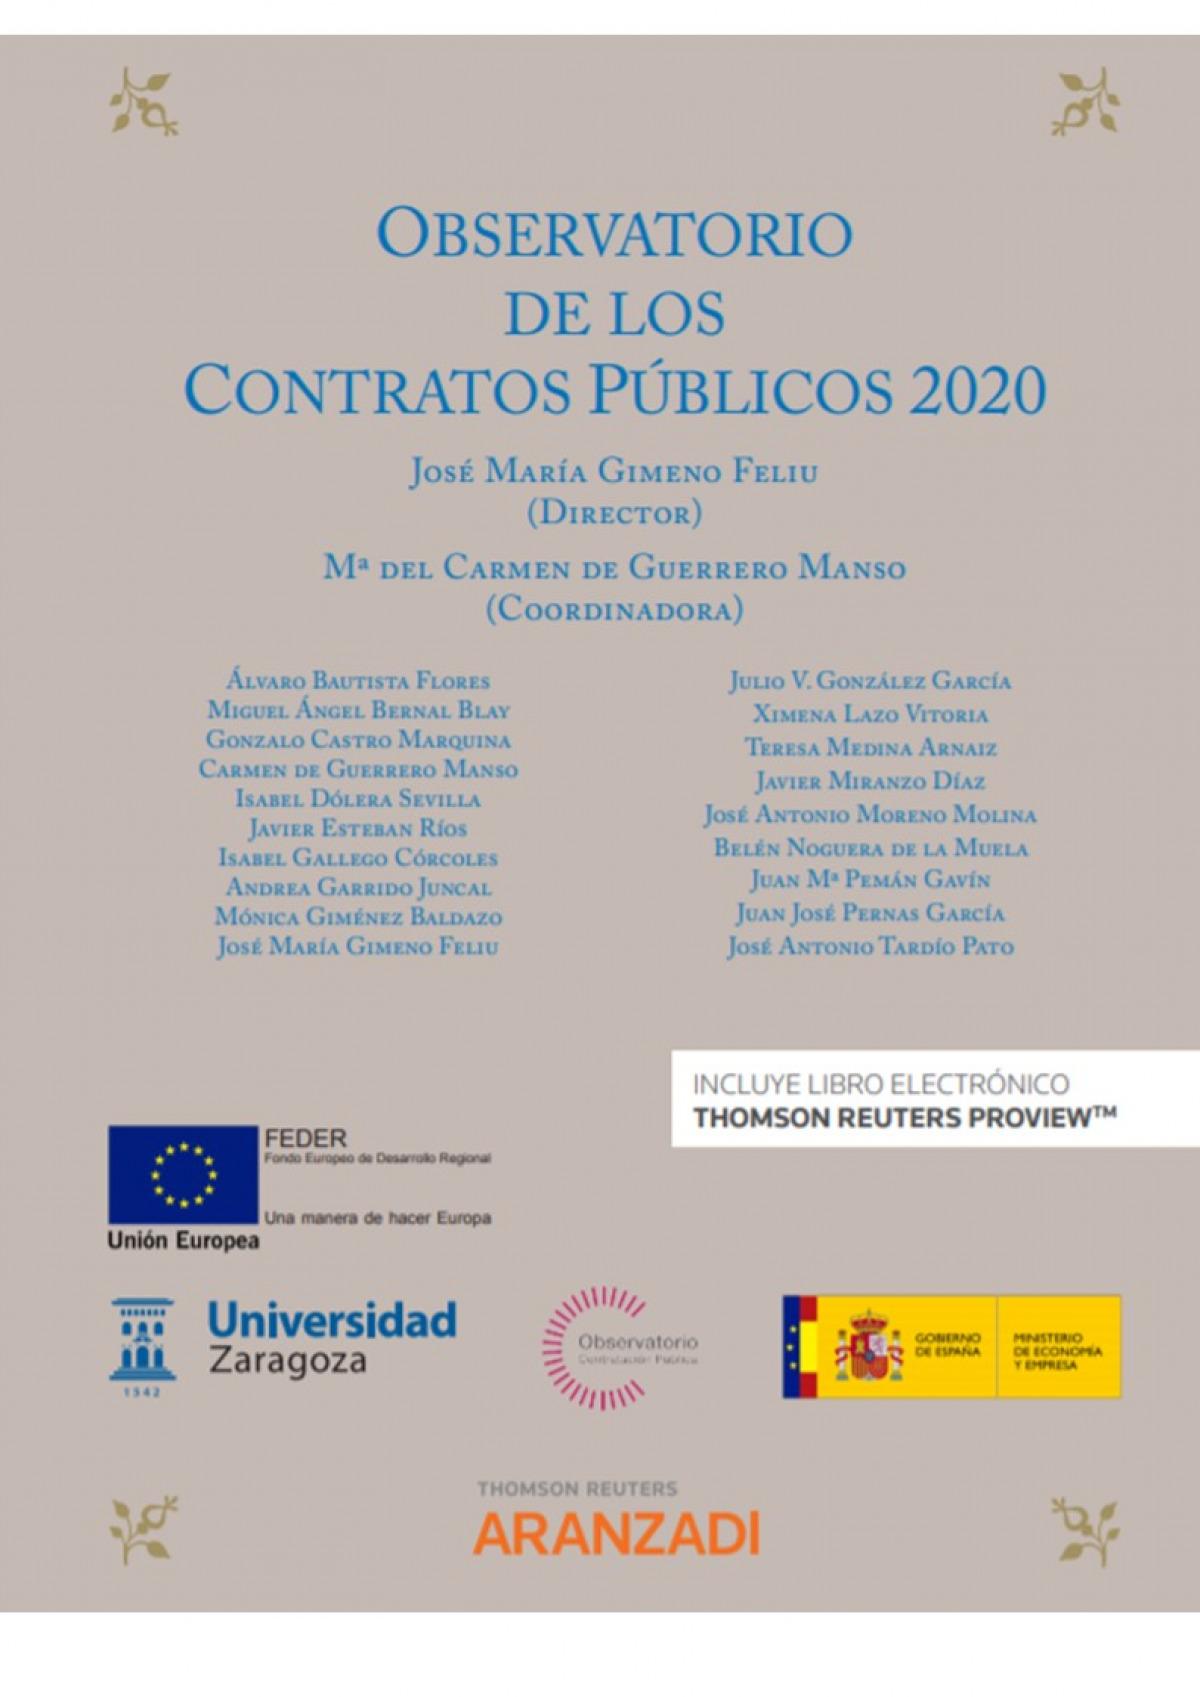 Observatorio de los contratos públicos 2020 (Papel + e-book)